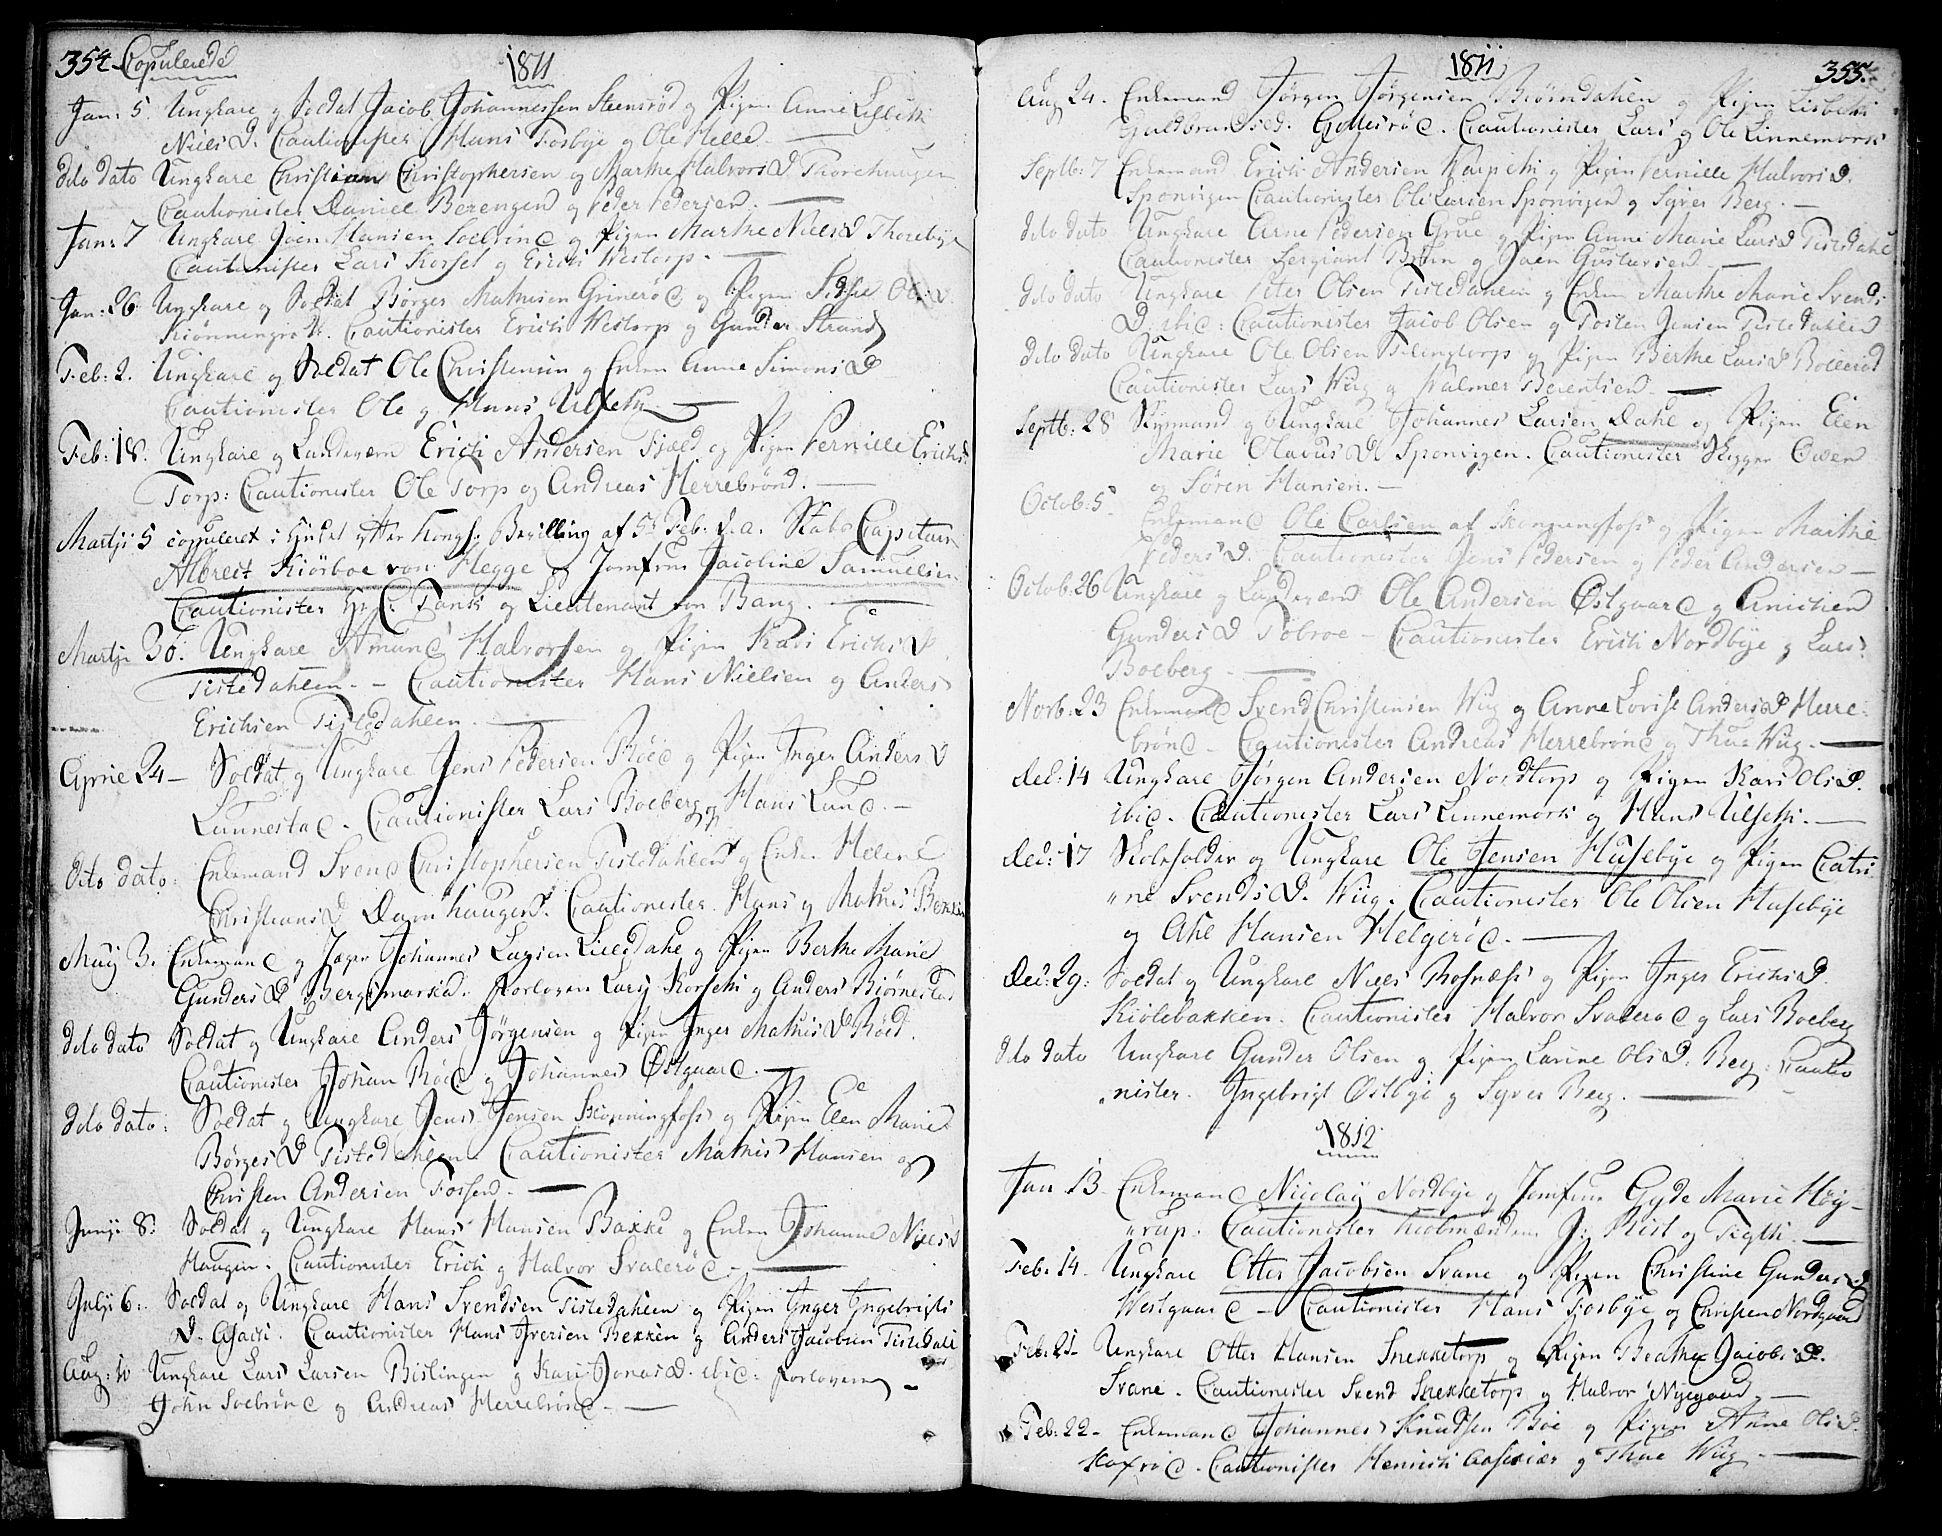 SAO, Berg prestekontor Kirkebøker, F/Fa/L0001: Ministerialbok nr. I 1, 1770-1814, s. 354-355